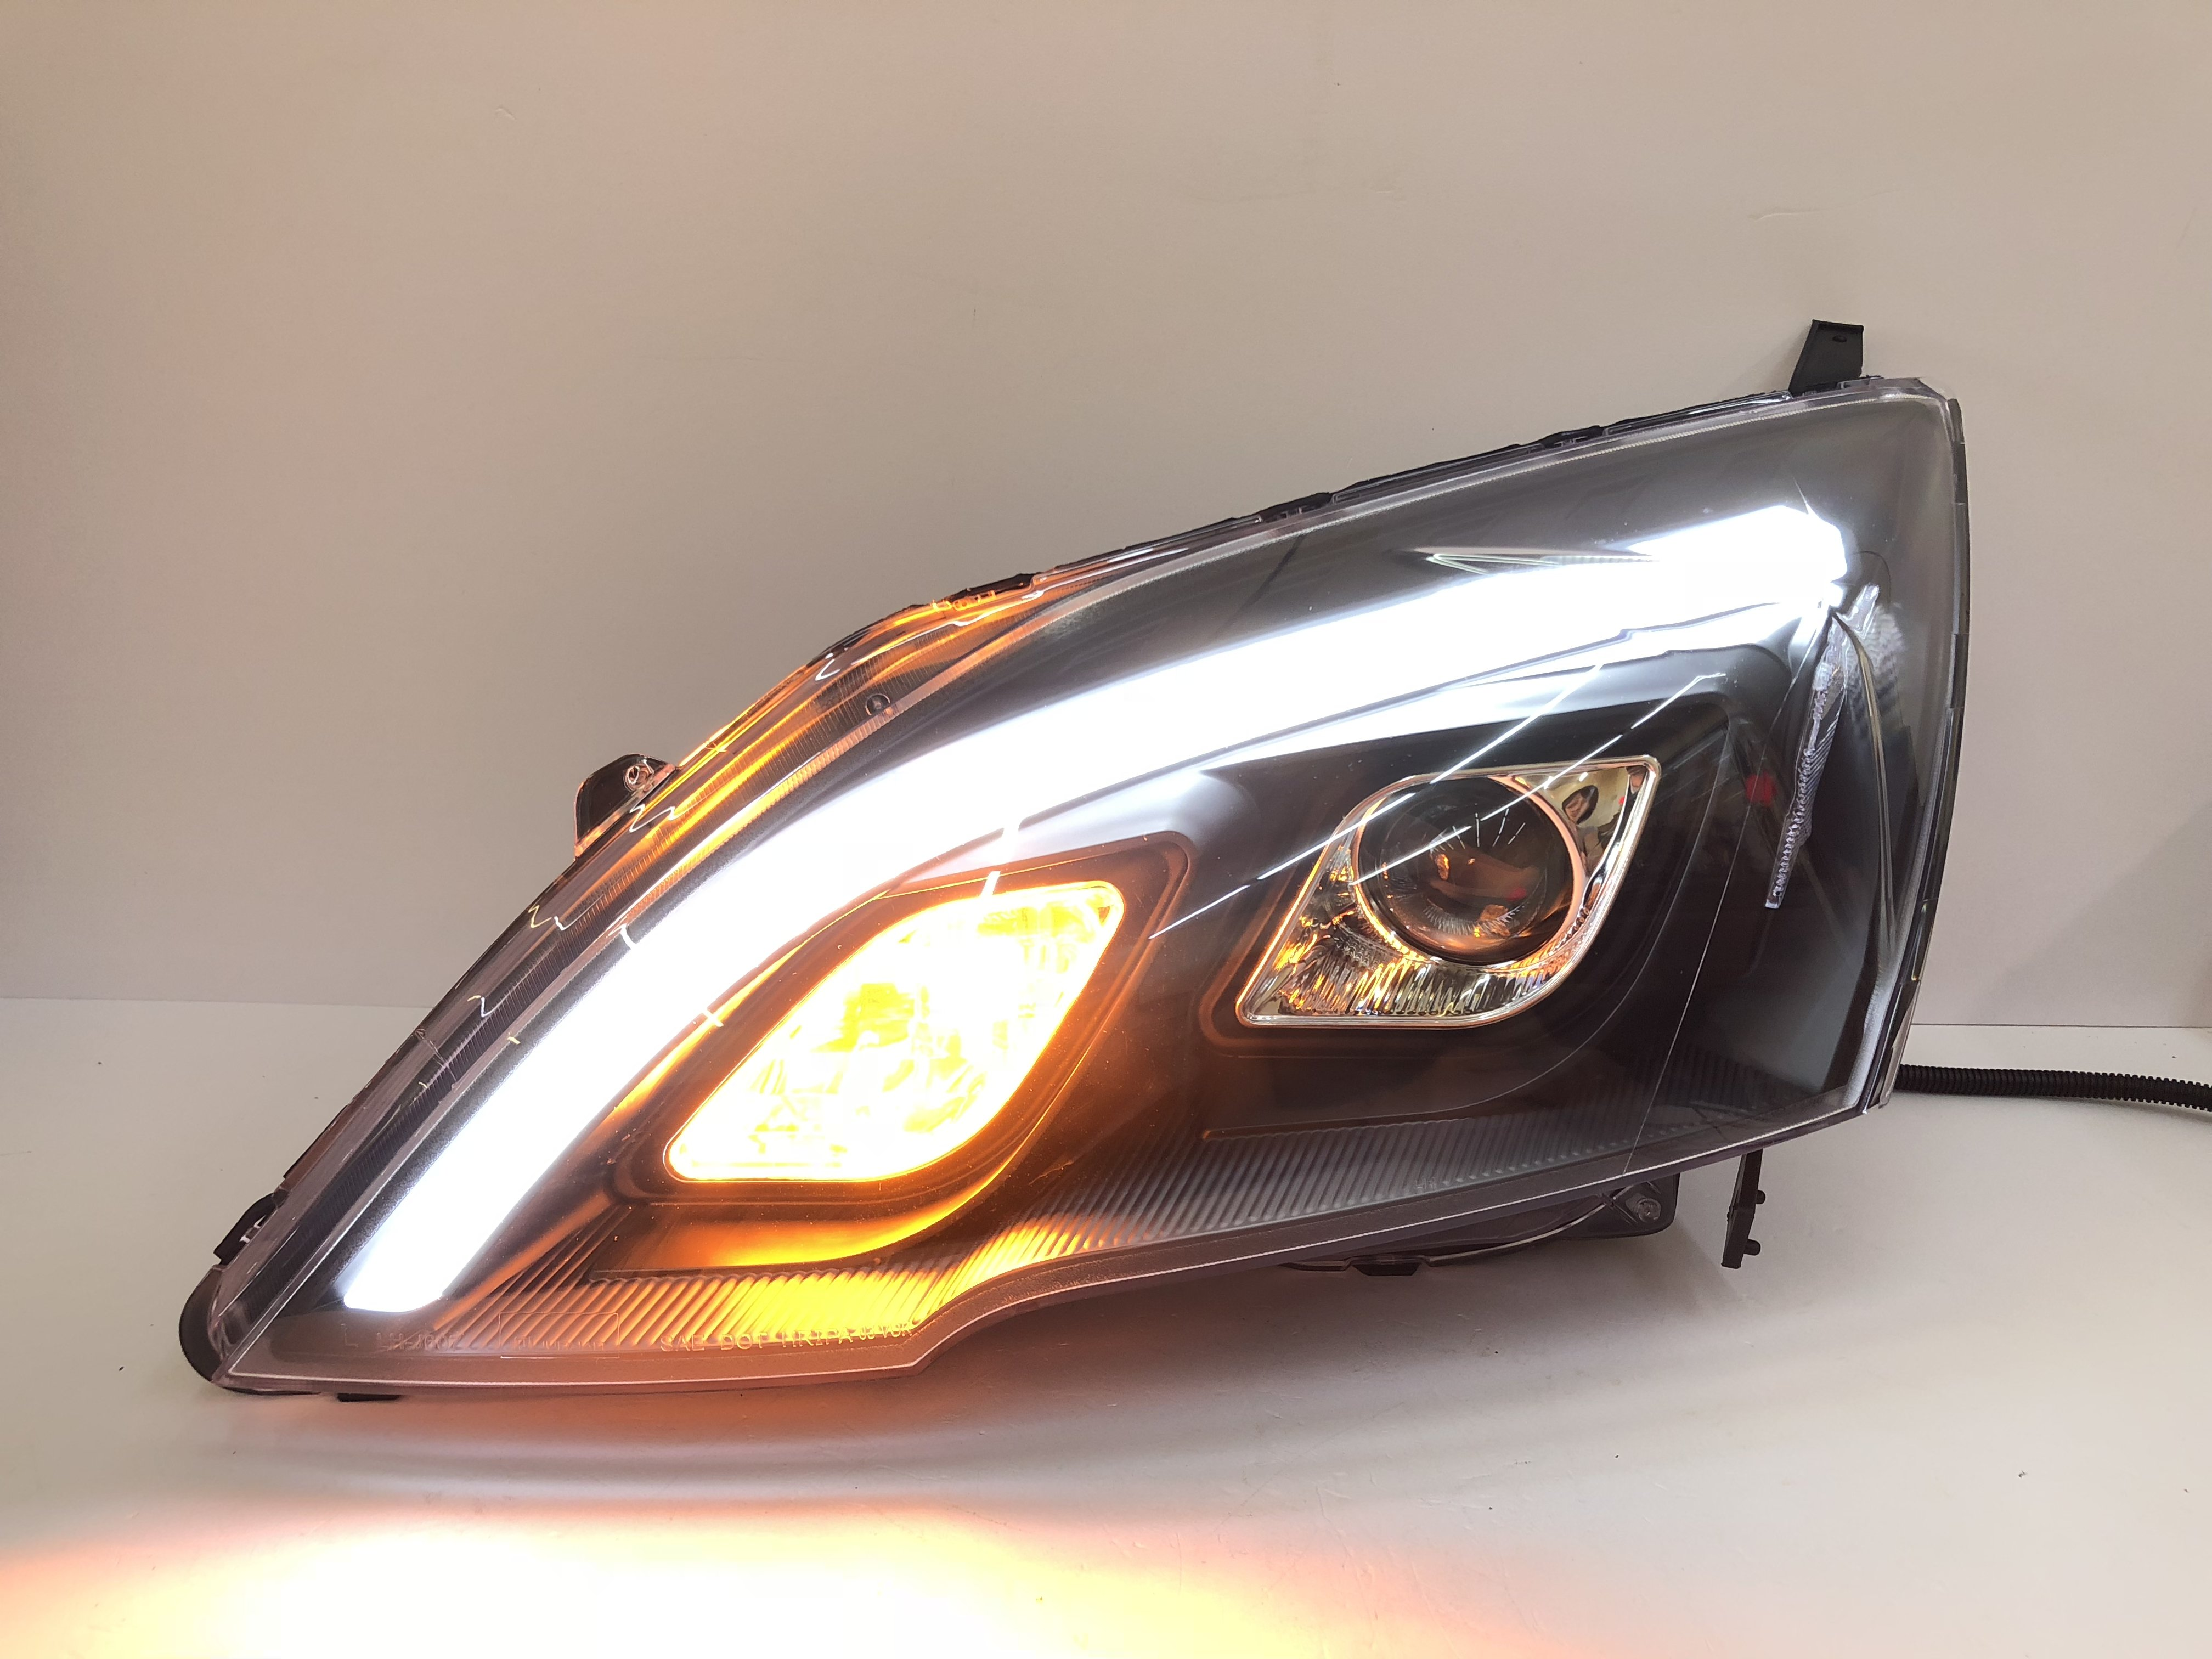 合豐源 車燈 CRV 3代 3.5代 大燈 頭燈 LED 導光 燈眉 07 08 09 10 11 魚眼 透鏡 三代